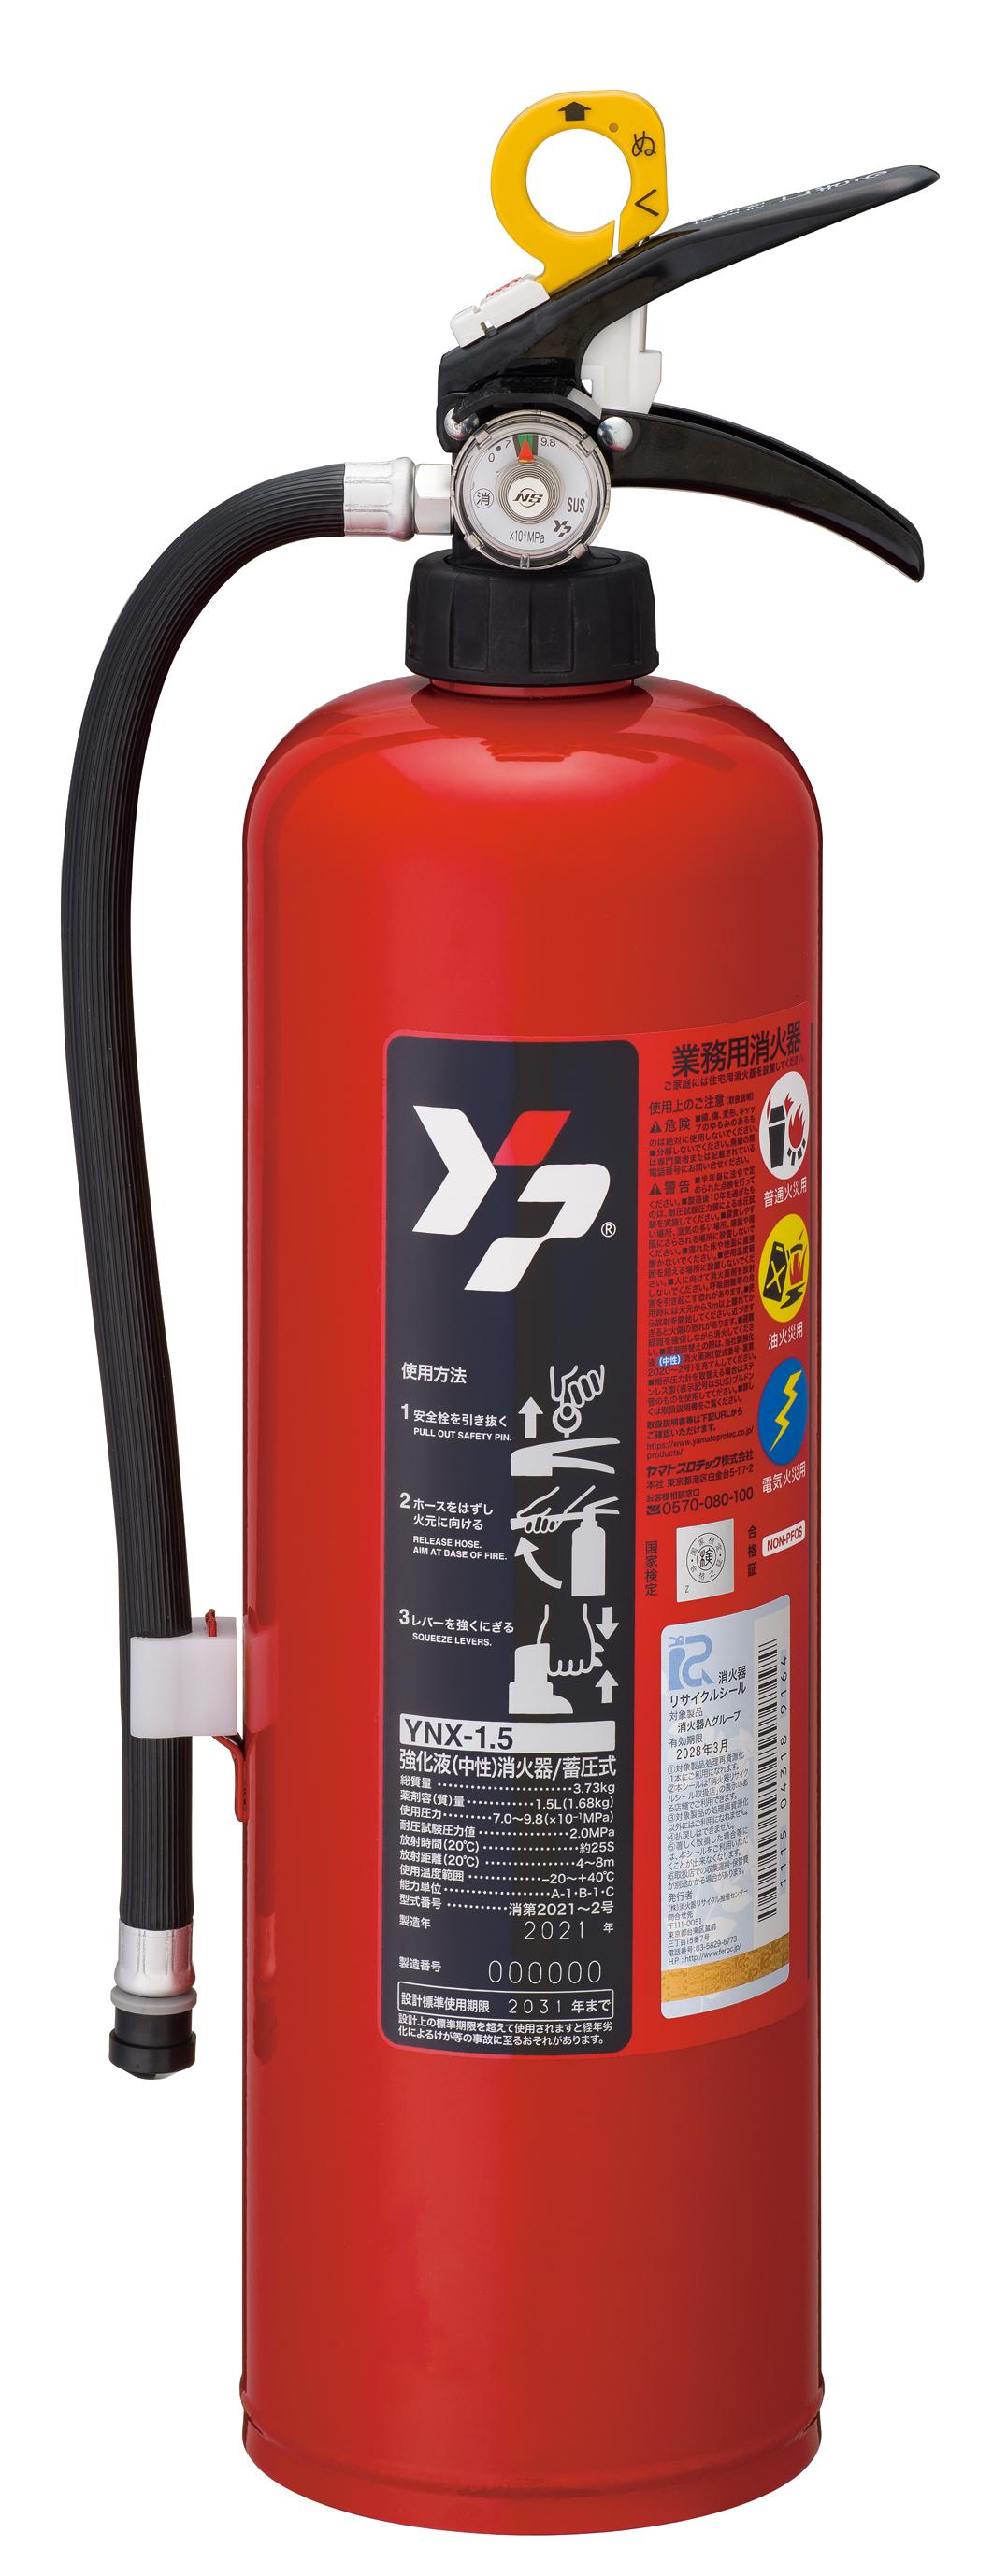 ハイパフォーマンス強化液(中性)消火器 YNX-1.5